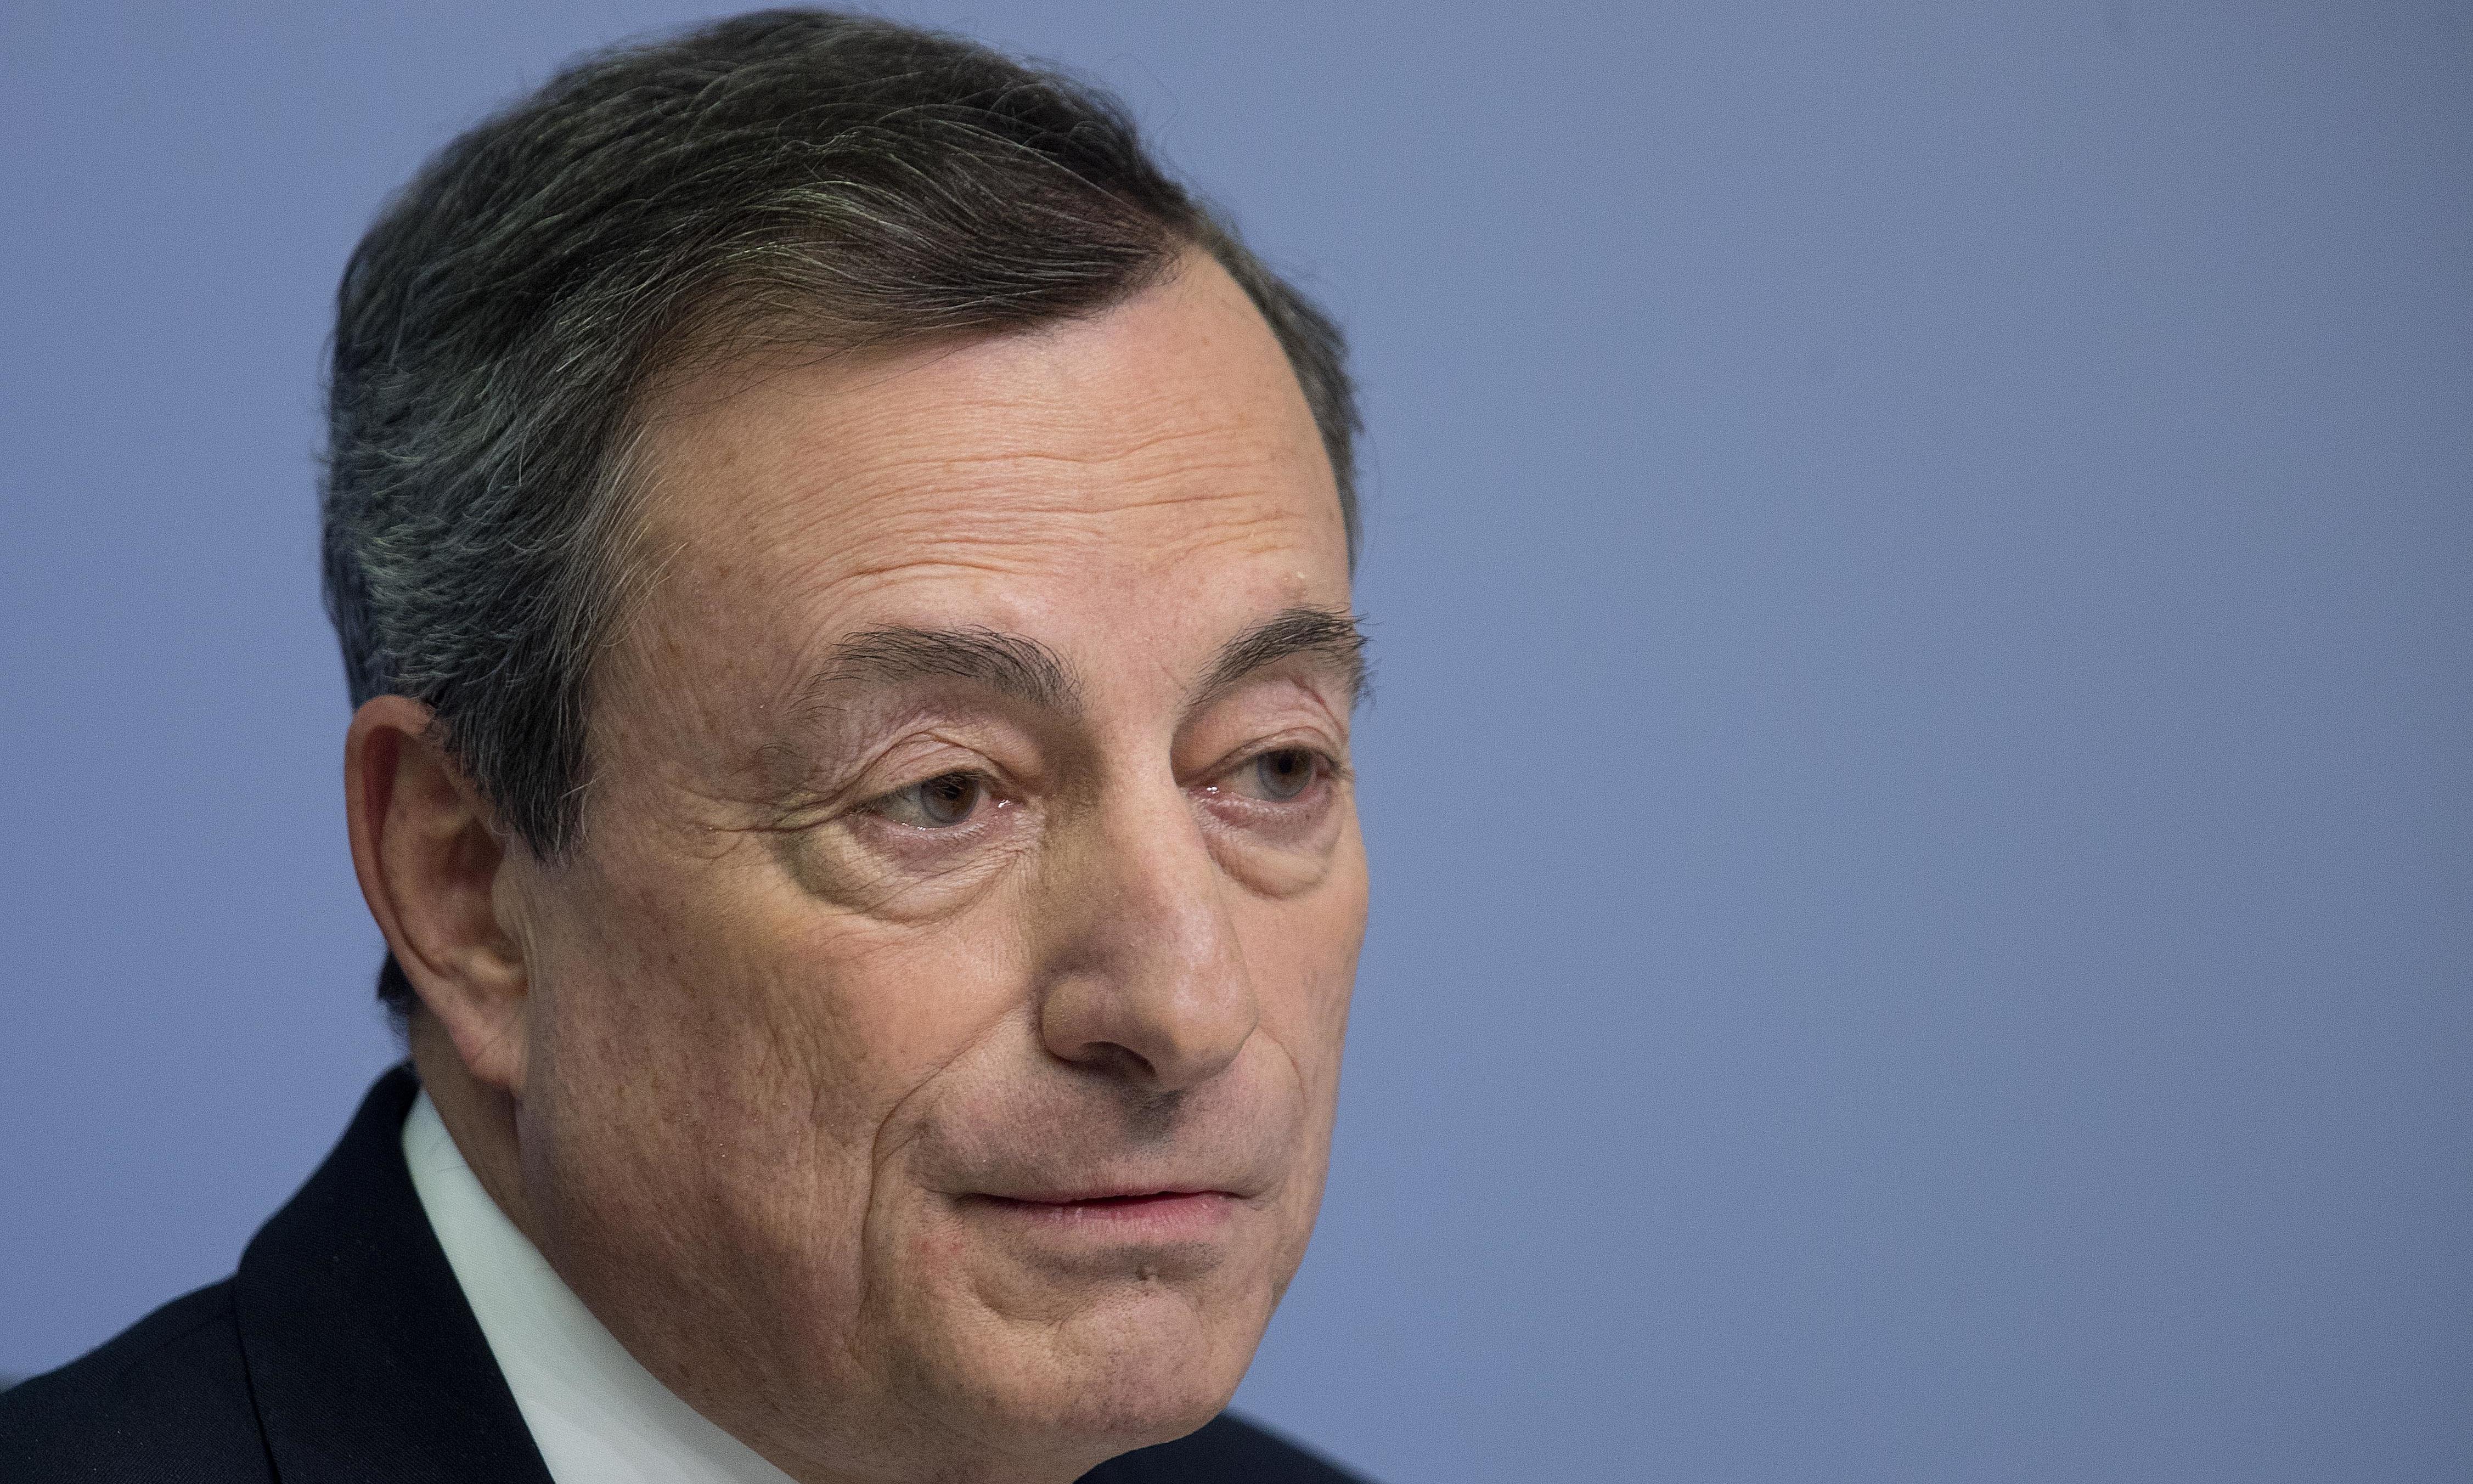 ECB to halt €2.6tn stimulus plan despite eurozone slowdown concerns